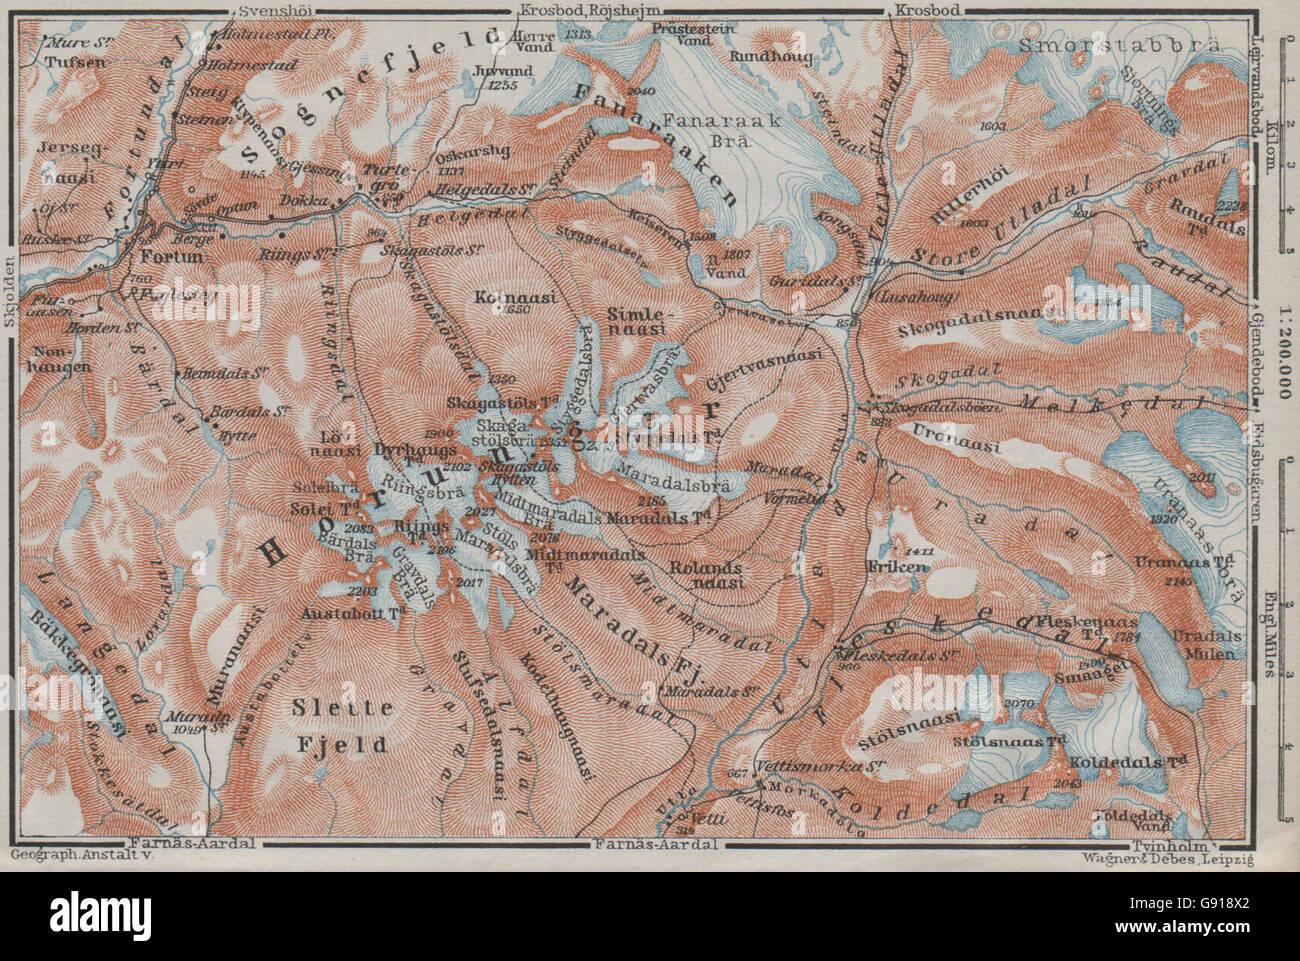 HURRUNGANE MOUNTAINS Norway 1899 Hurrungene Hurrungadn Horungane Topo-map